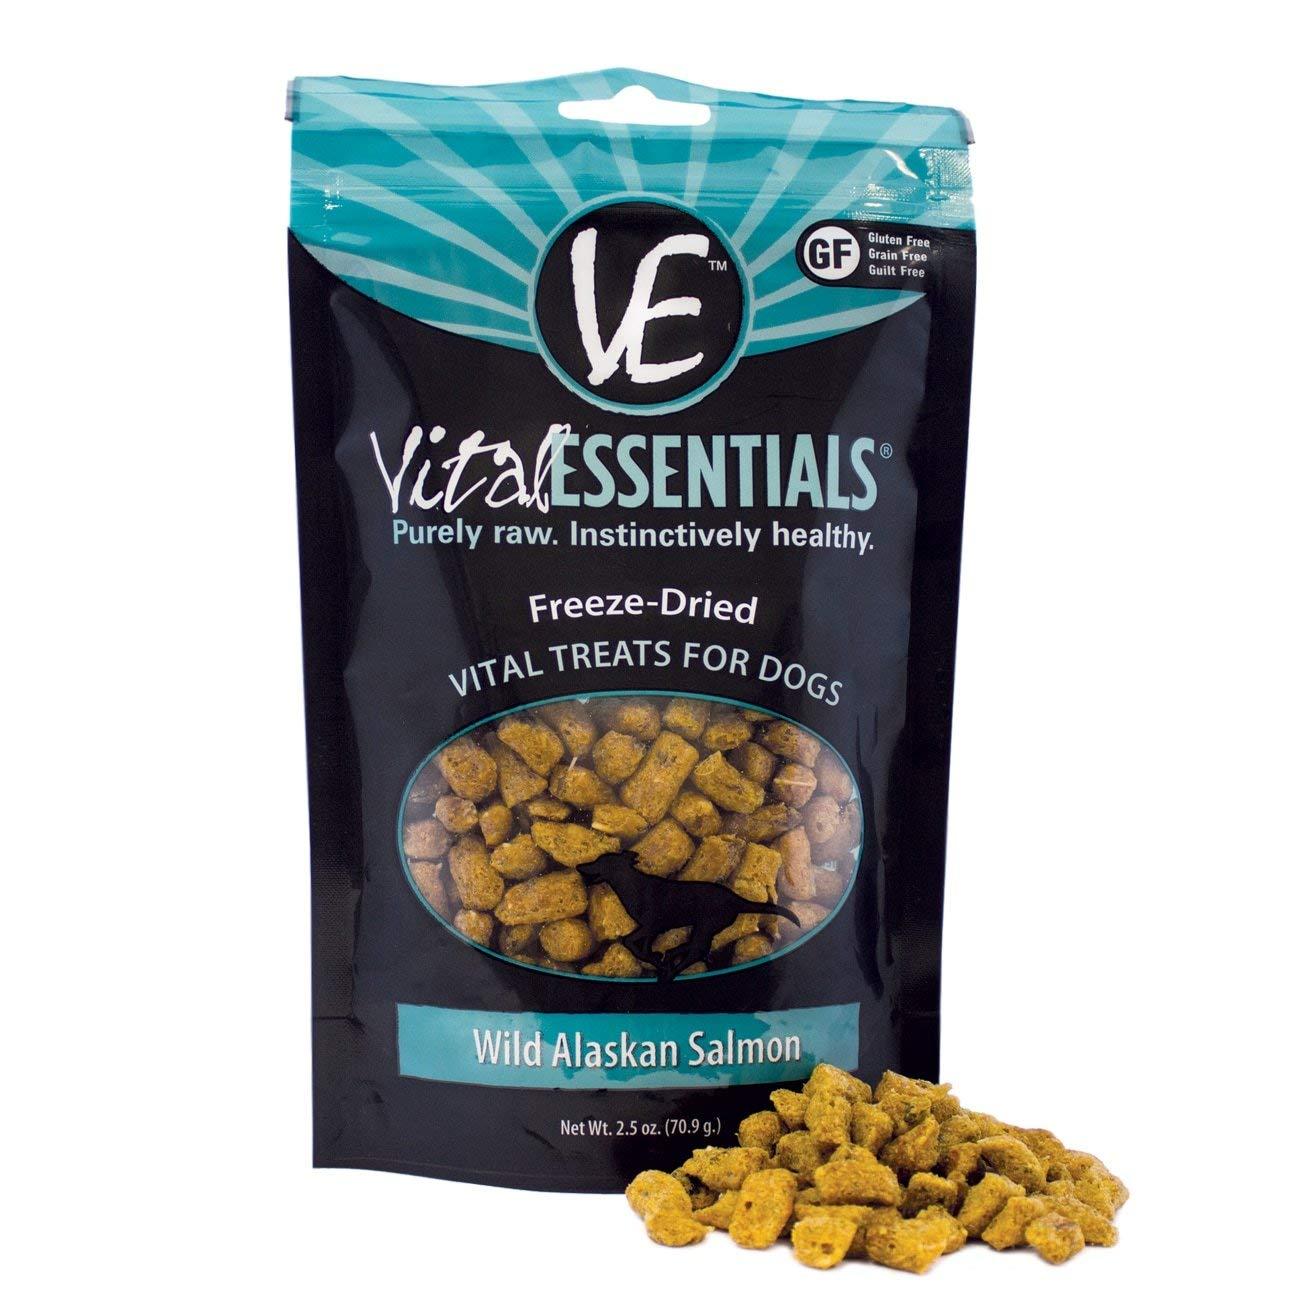 Vital Essentials Freeze-Dried Wild Alaskan Salmon Raw Dog Treats, 2.5 oz. Bag. Fast